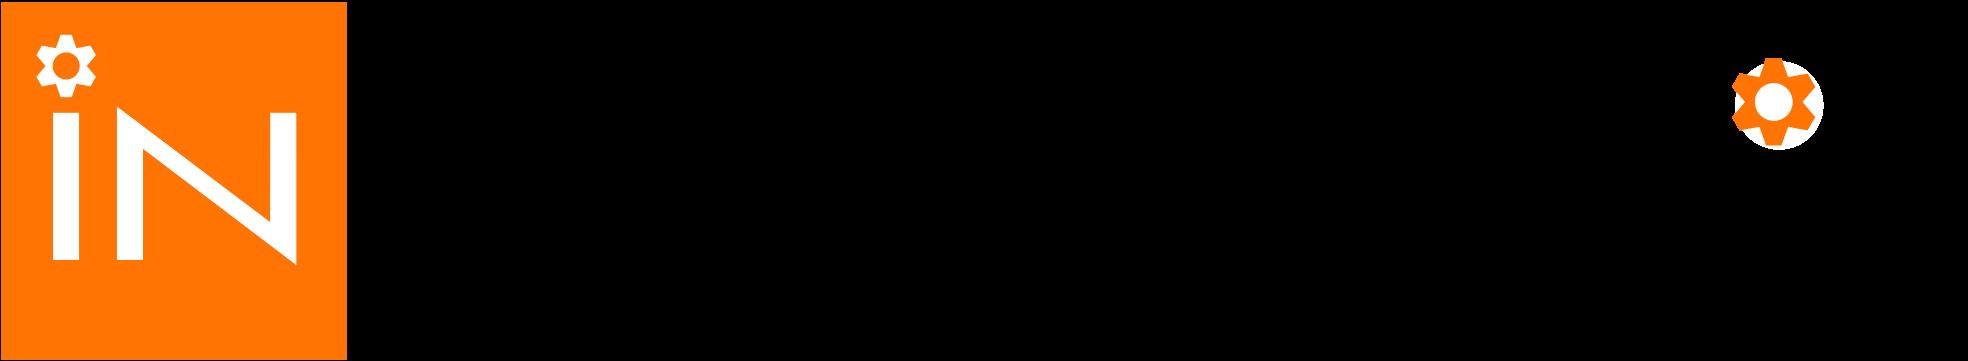 InGear Media Logo